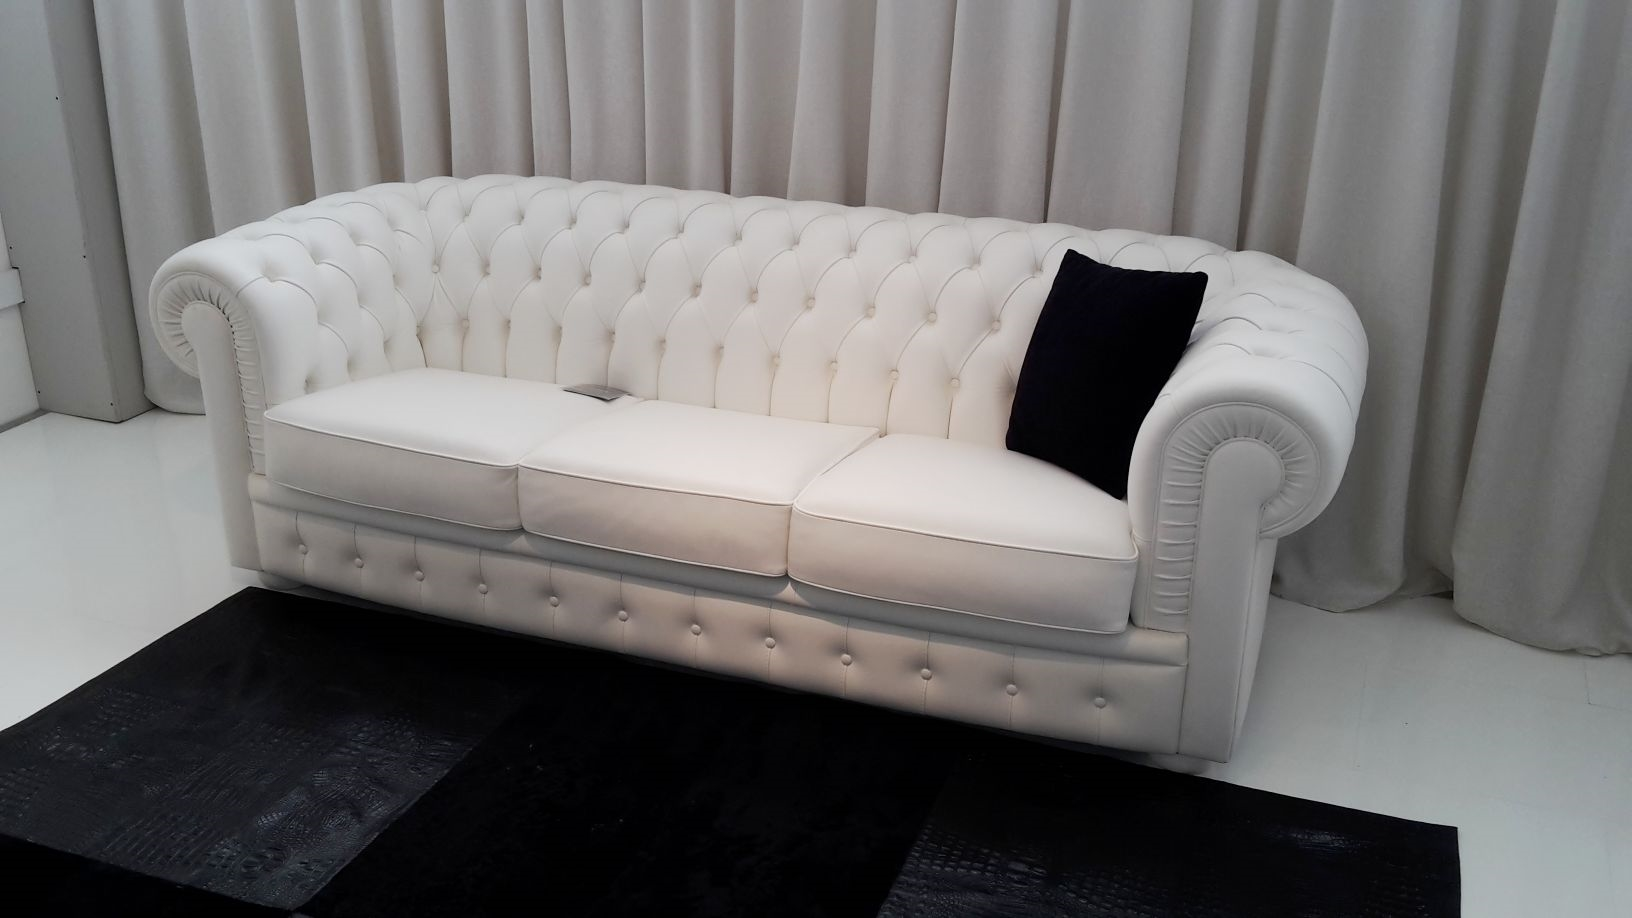 Divano in pelle tipo chester modello byron divani a - Divano pelle bianco ...